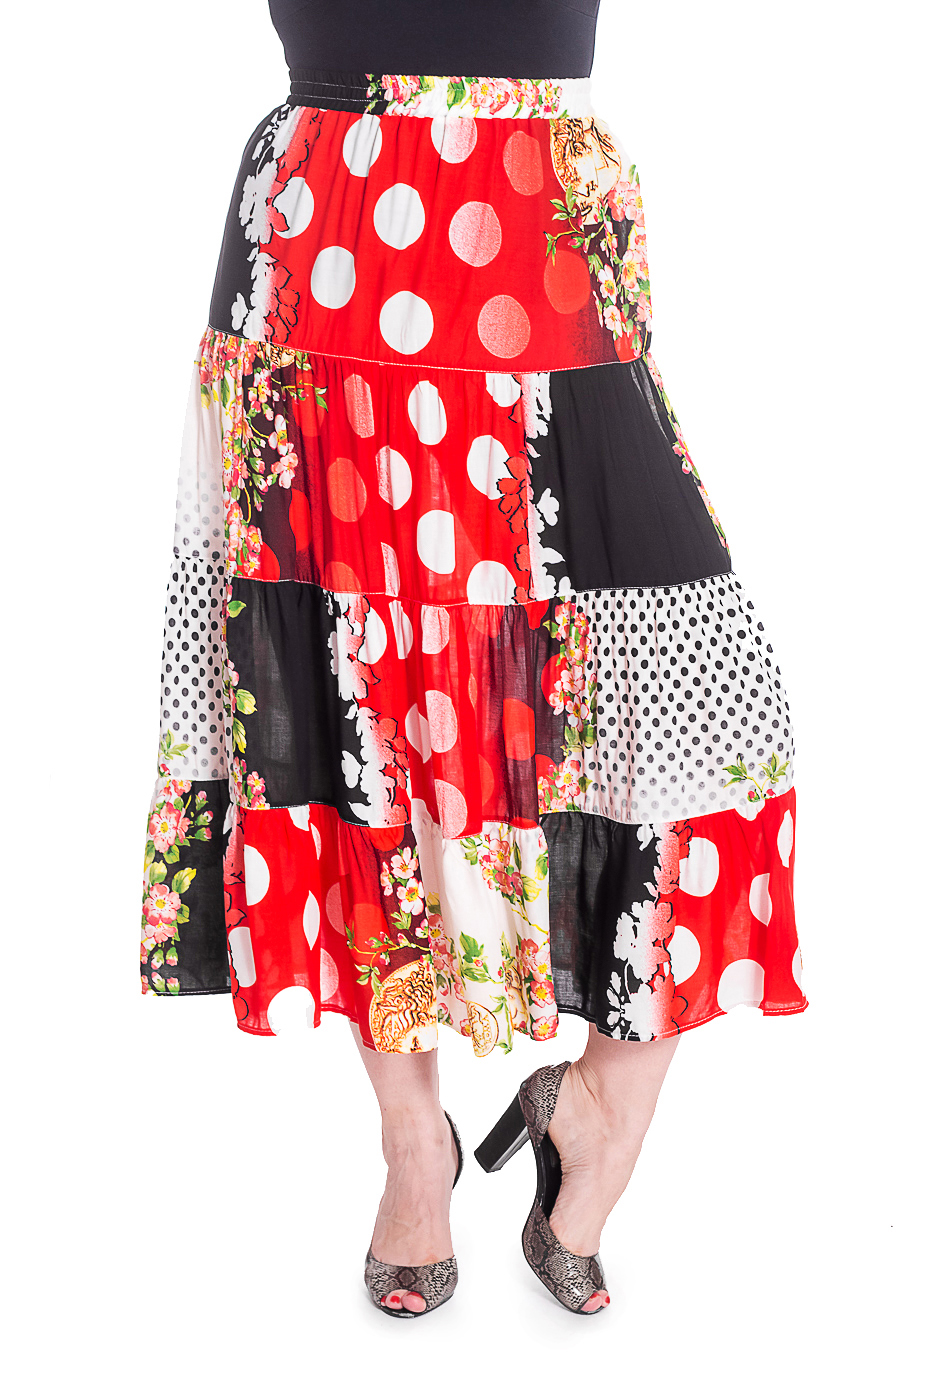 ЮбкаЮбки<br>Цветная ярусная юбка на резинке. Модель выполнена из приятного штапеля. Отличный выбор для любого случая.  В изделии использованы цвета: красный, белый и др.  Рост девушки-фотомодели 180 см<br><br>По длине: Ниже колена<br>По материалу: Тканевые<br>По рисунку: Растительные мотивы,С принтом,Цветные,Цветочные<br>По силуэту: Полуприталенные<br>По стилю: Летний стиль,Повседневный стиль<br>По форме: Юбка-трапеция<br>По сезону: Лето<br>Размер : 58,60,64<br>Материал: Штапель<br>Количество в наличии: 3